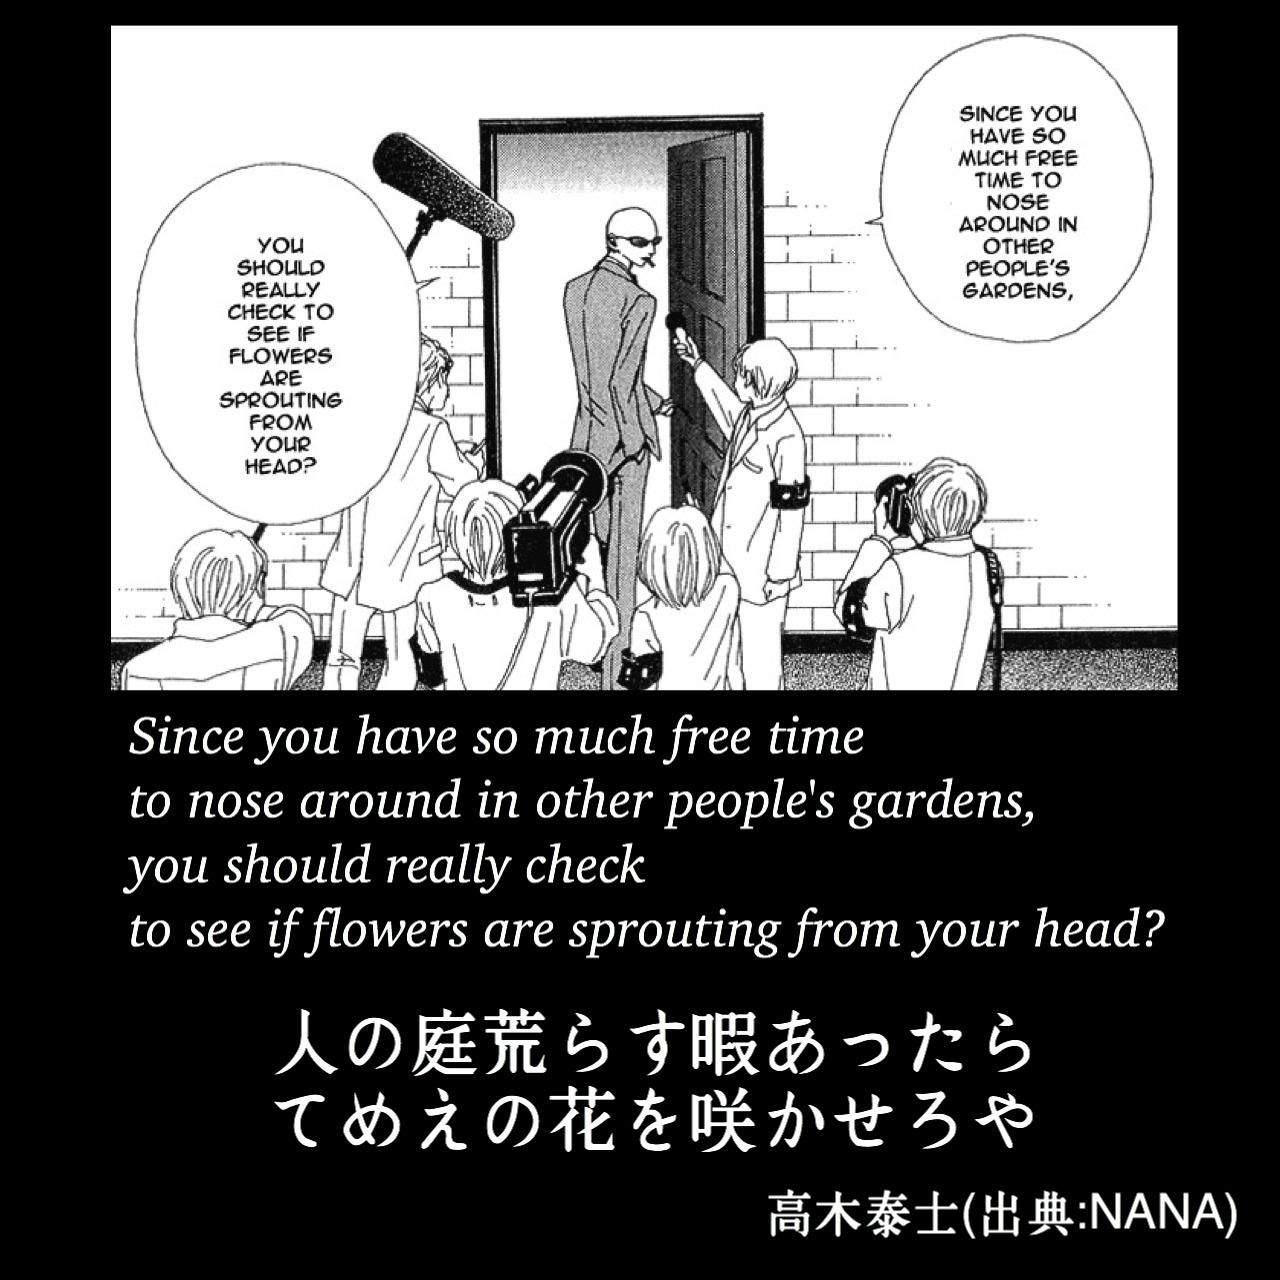 人の庭荒らす暇あったら、てめえの花を咲かせろや / 高木泰士(出典:NANA)